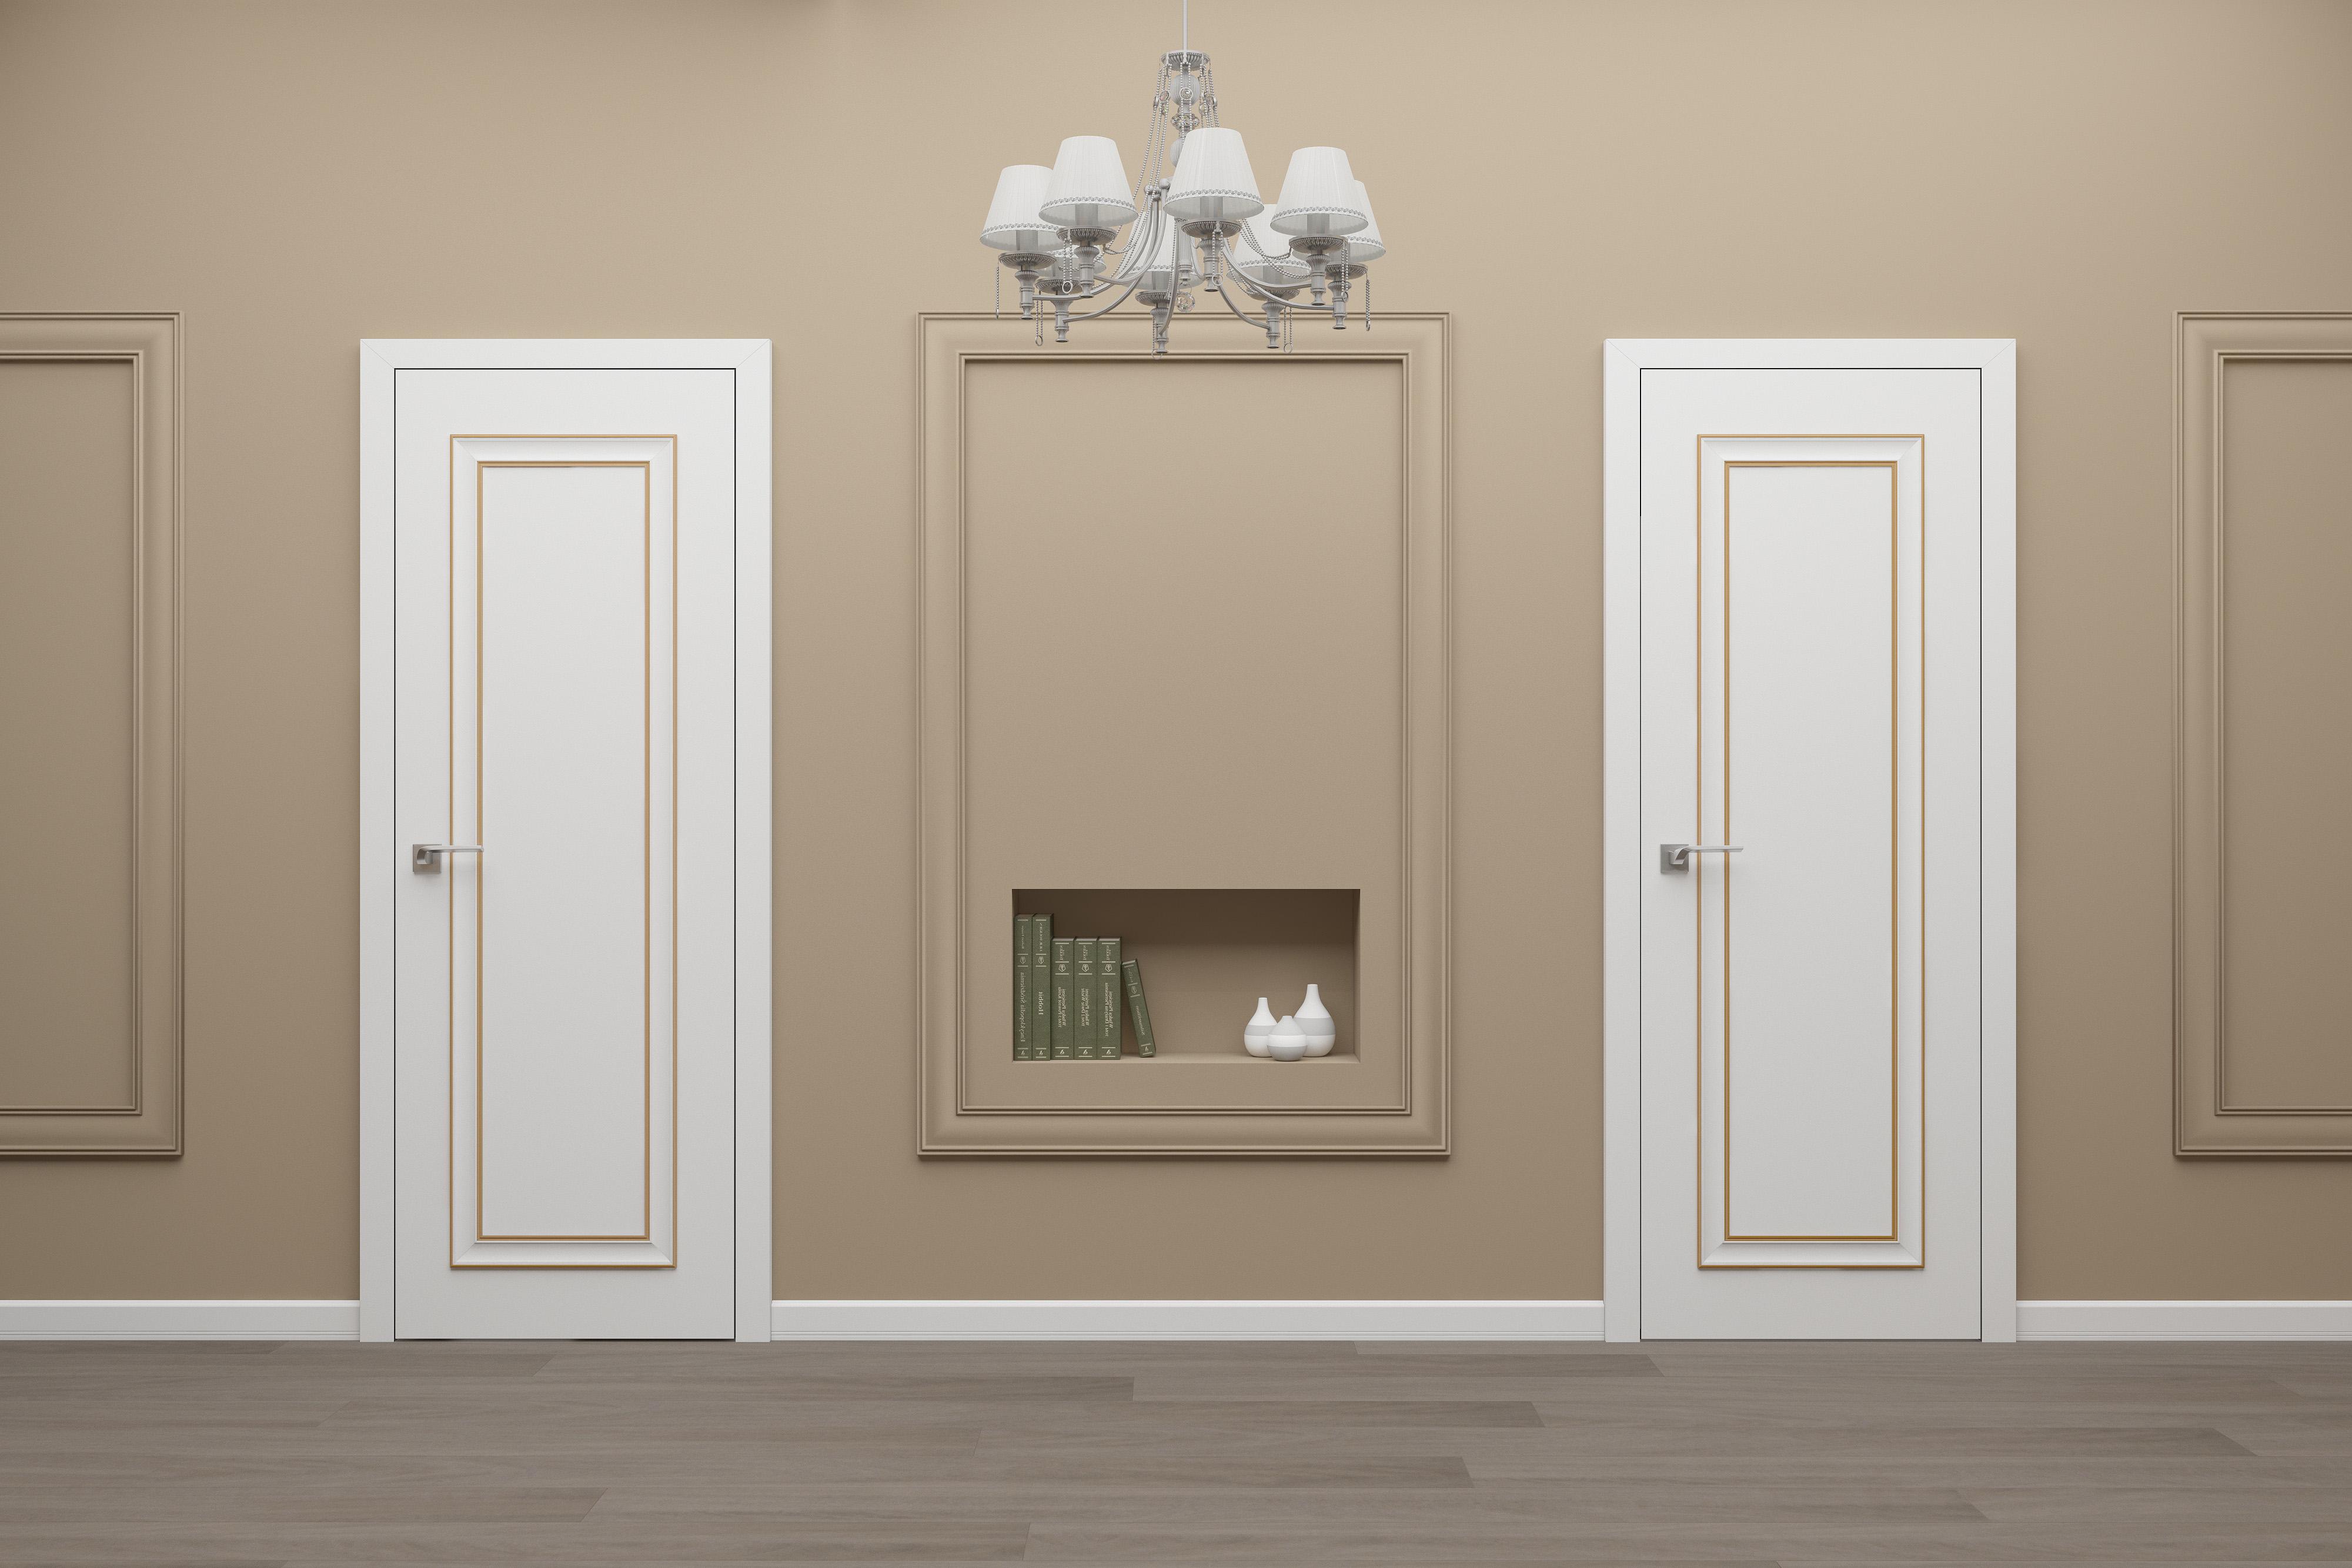 Как подобрать двери для интерьера в скандинавском стиле?